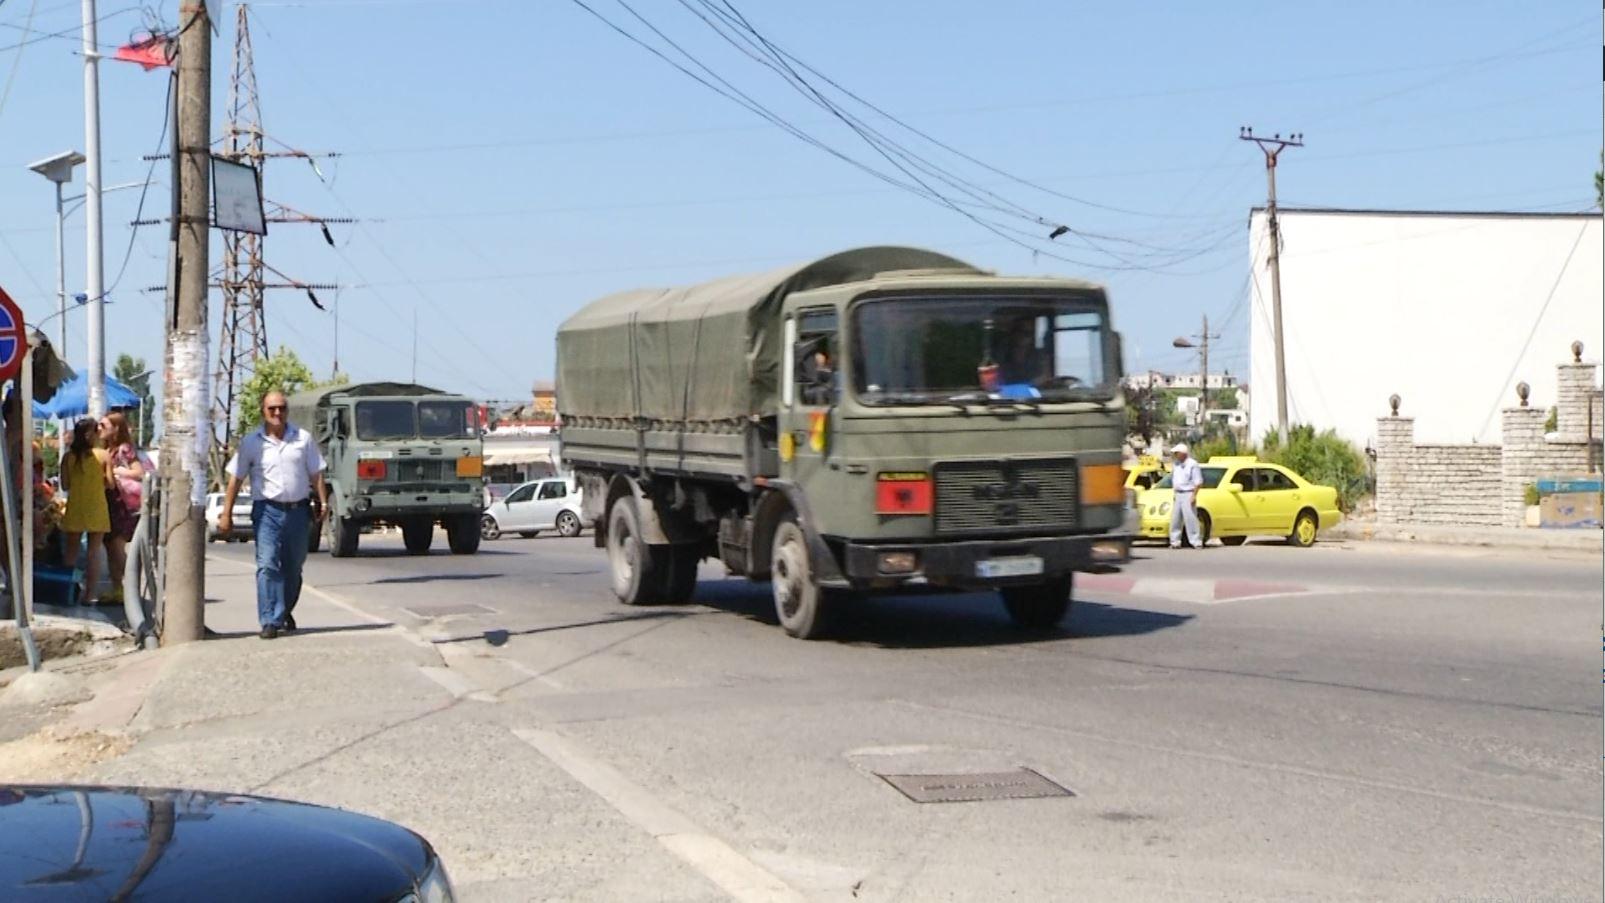 Ushtria shpërndan fletët e votimit, ABC News shoqëron kutitë e Lezhës